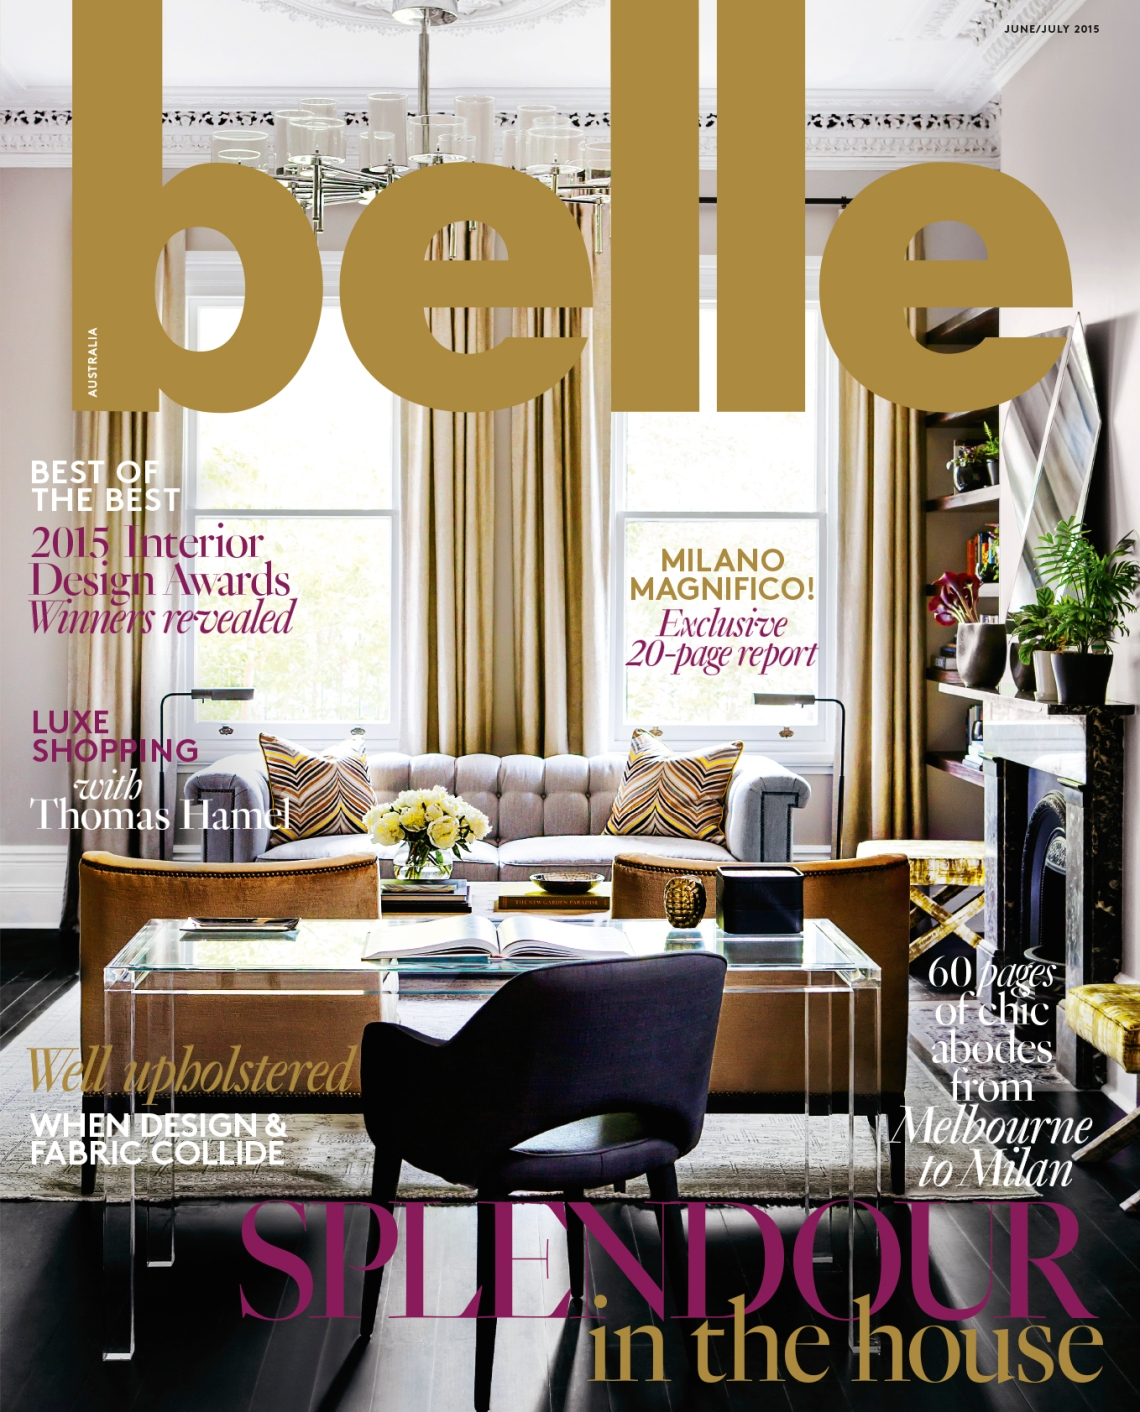 The Brendan Wong Cover for Belle Magazine 2015